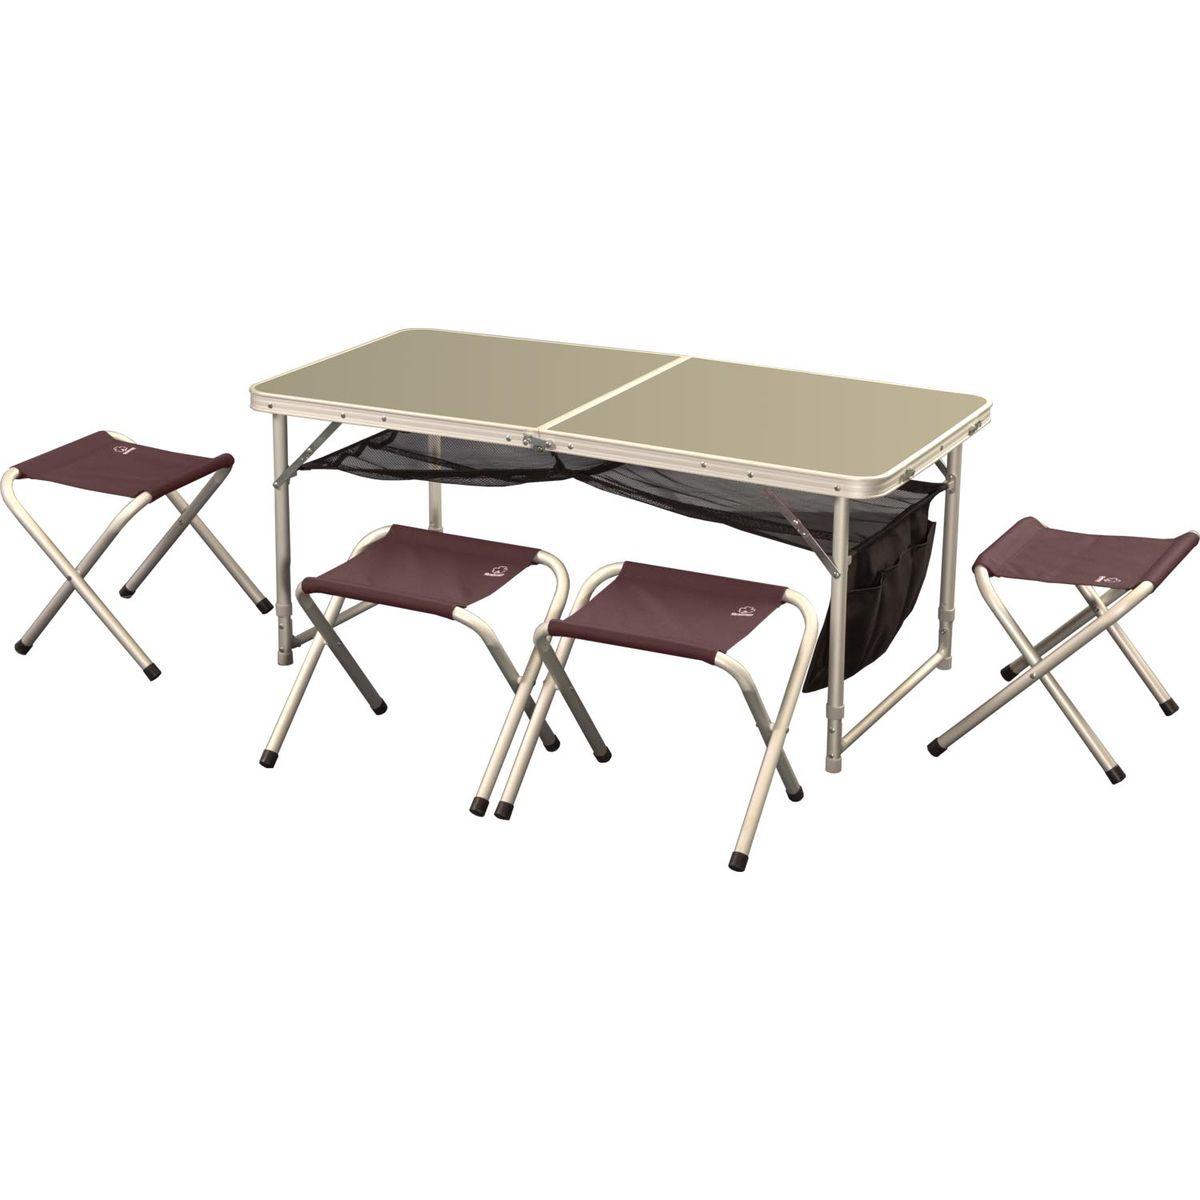 Набор складной мебели Greenell FTFS-1, 5 предметов71241-232-00Легкий складной набор Greenell FTFS-1 предназначен для создания комфортных условий в туристических походах, охоте, рыбалке и кемпинге. Включает в себя стол и 4 табурета. Табуреты убираются внутрь стола для удобной транспортировки. В сложенном виде набор занимает мало места. Каркас предметов выполнен из прочного алюминия. Столешница - фибролит. Табуреты выполнены из полиэстера. В комплекте сумка-чехол. Размер стола: 120 см х 60 см х 70 см.